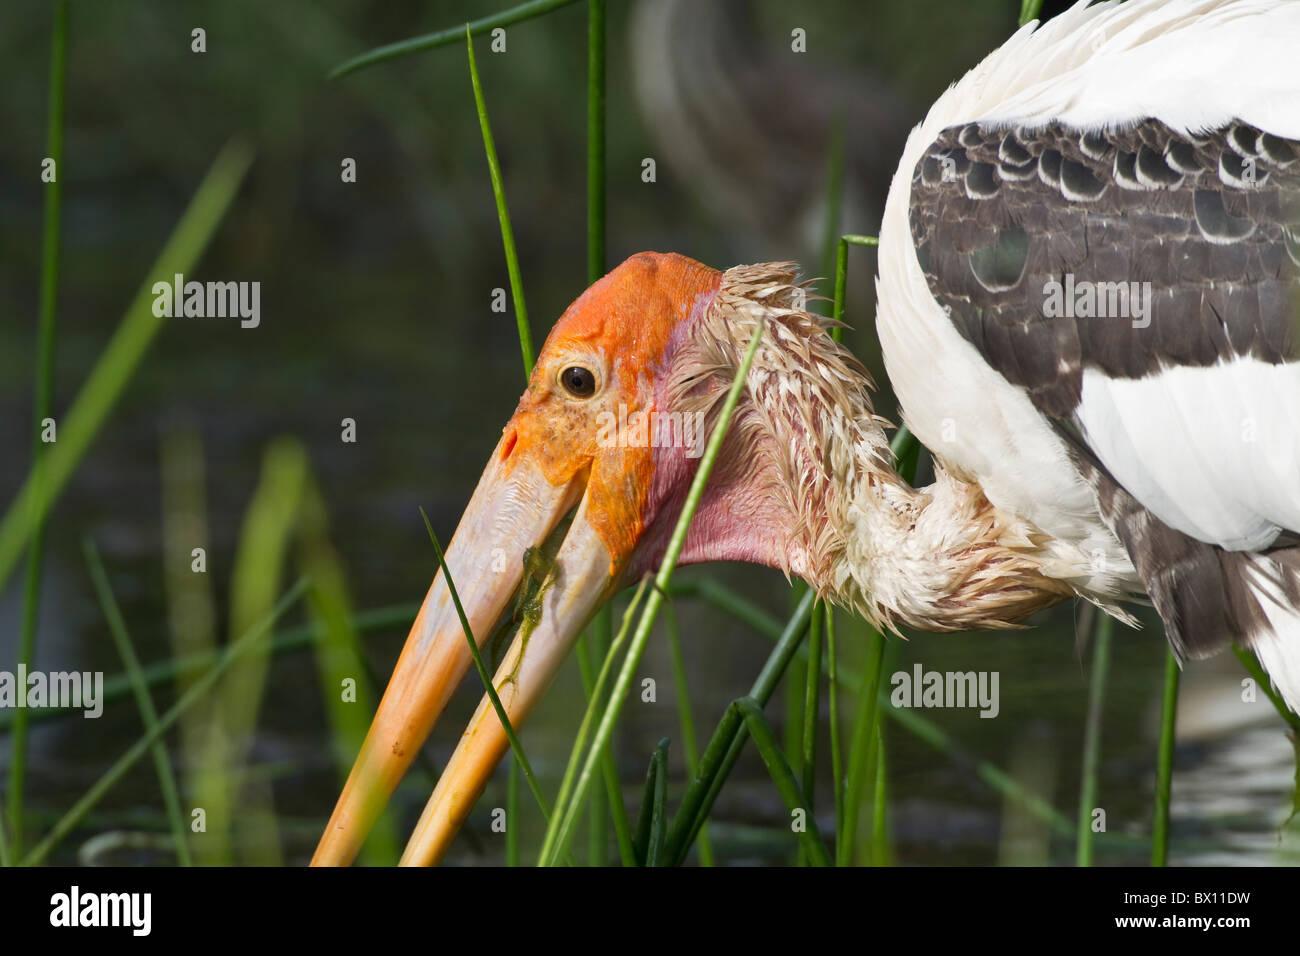 Painted Stork (Mycteria leucocephala) eating/feeding on a frog - Stock Image